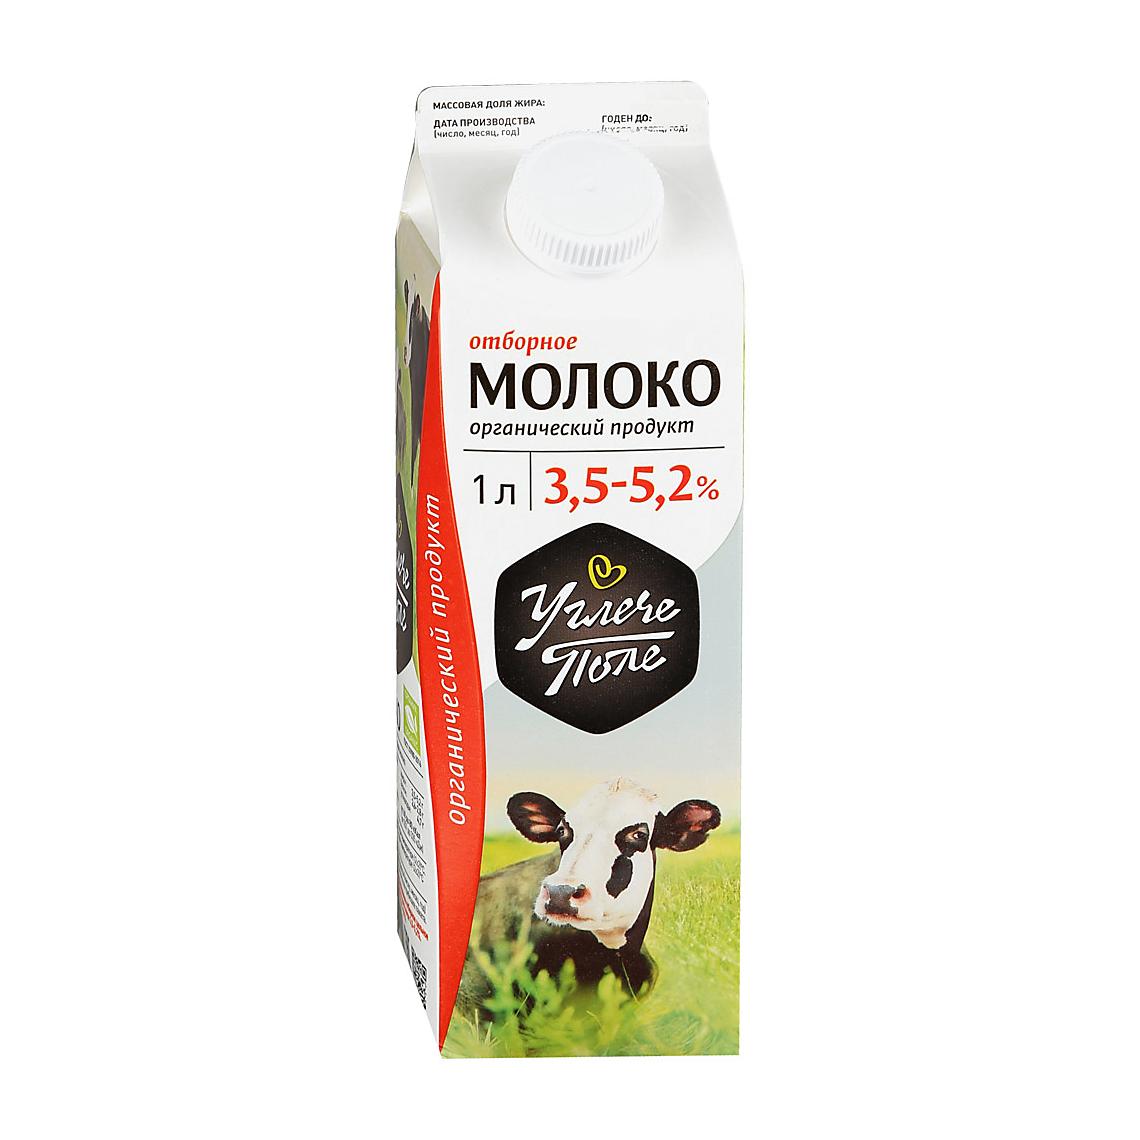 Молоко Углече Поле отборное питьевое цельное пастеризованное 1 л экомилк бзмж молоко цельное отборное питьевое пастеризованное 3 4 4 5% 900мл экомилк